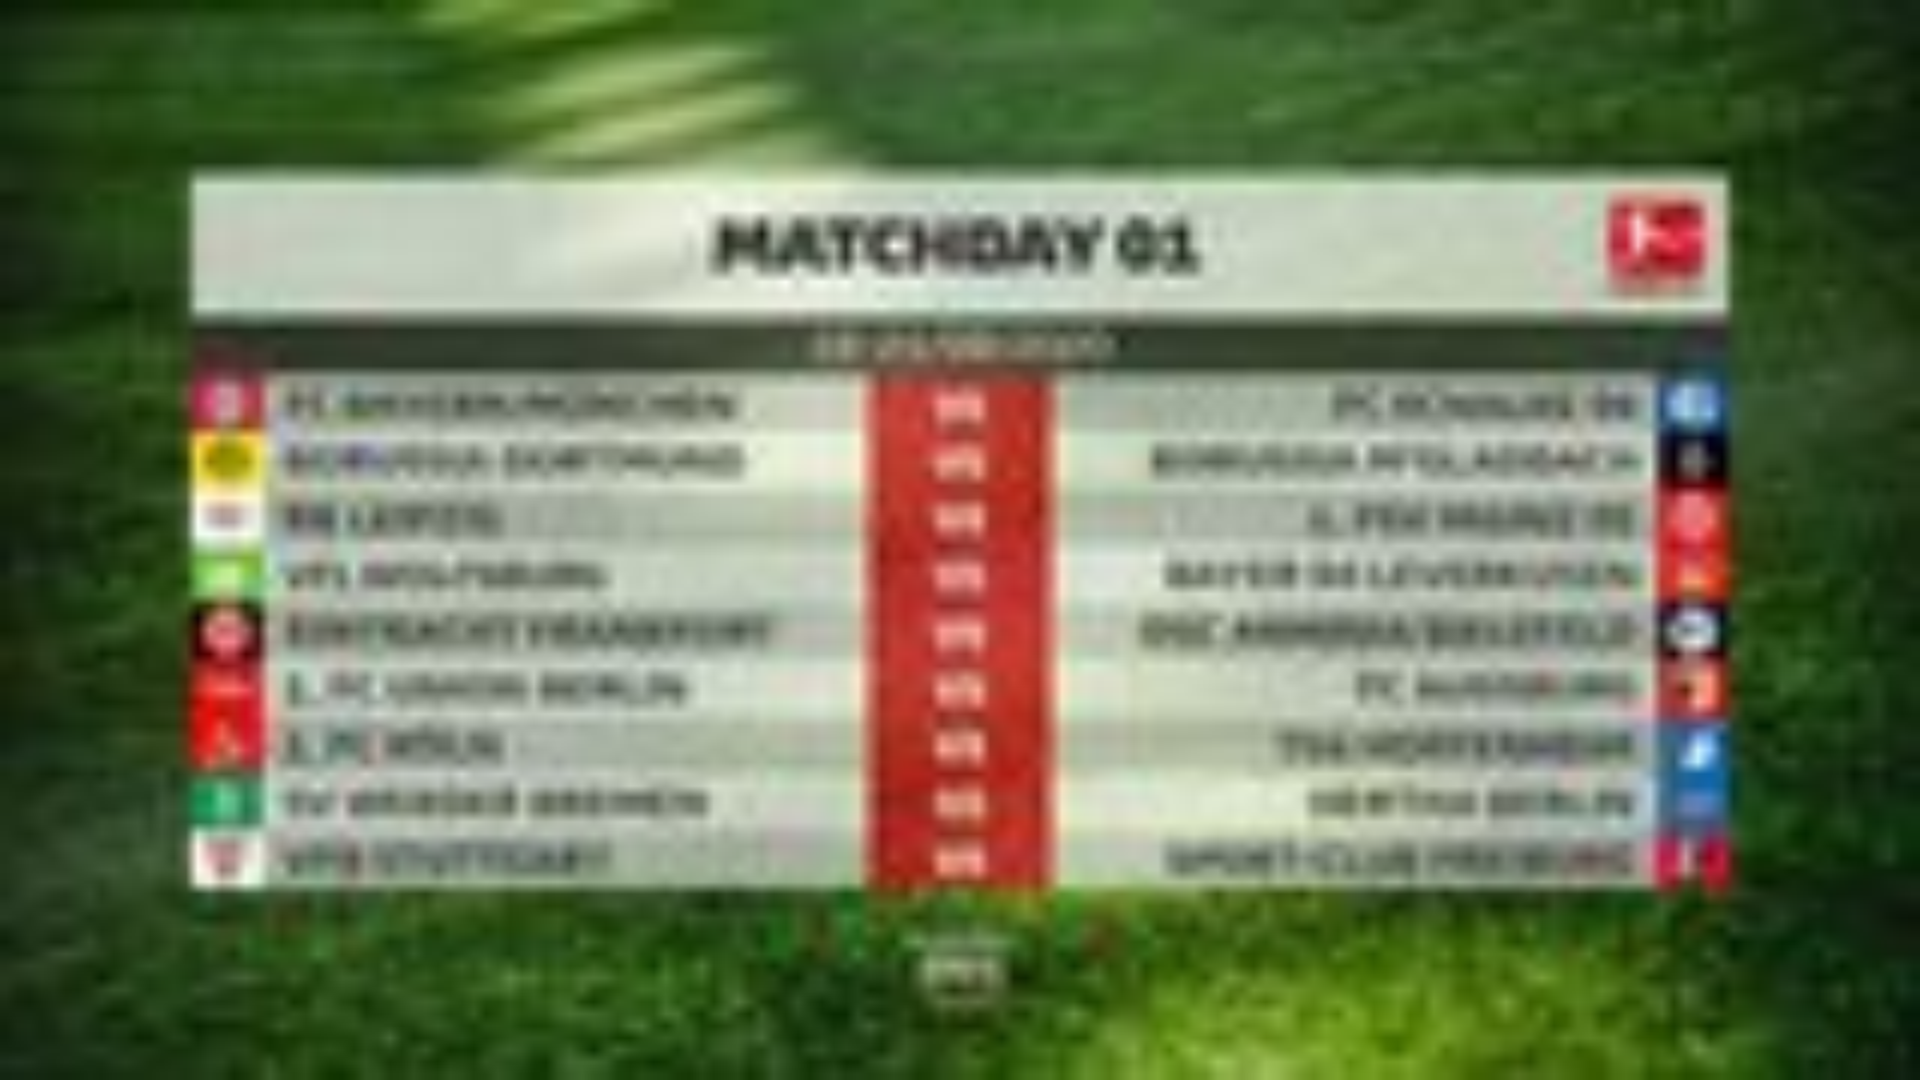 2020-21 season: DFL publishes Bundesliga and Bundesliga 2 fixture lists